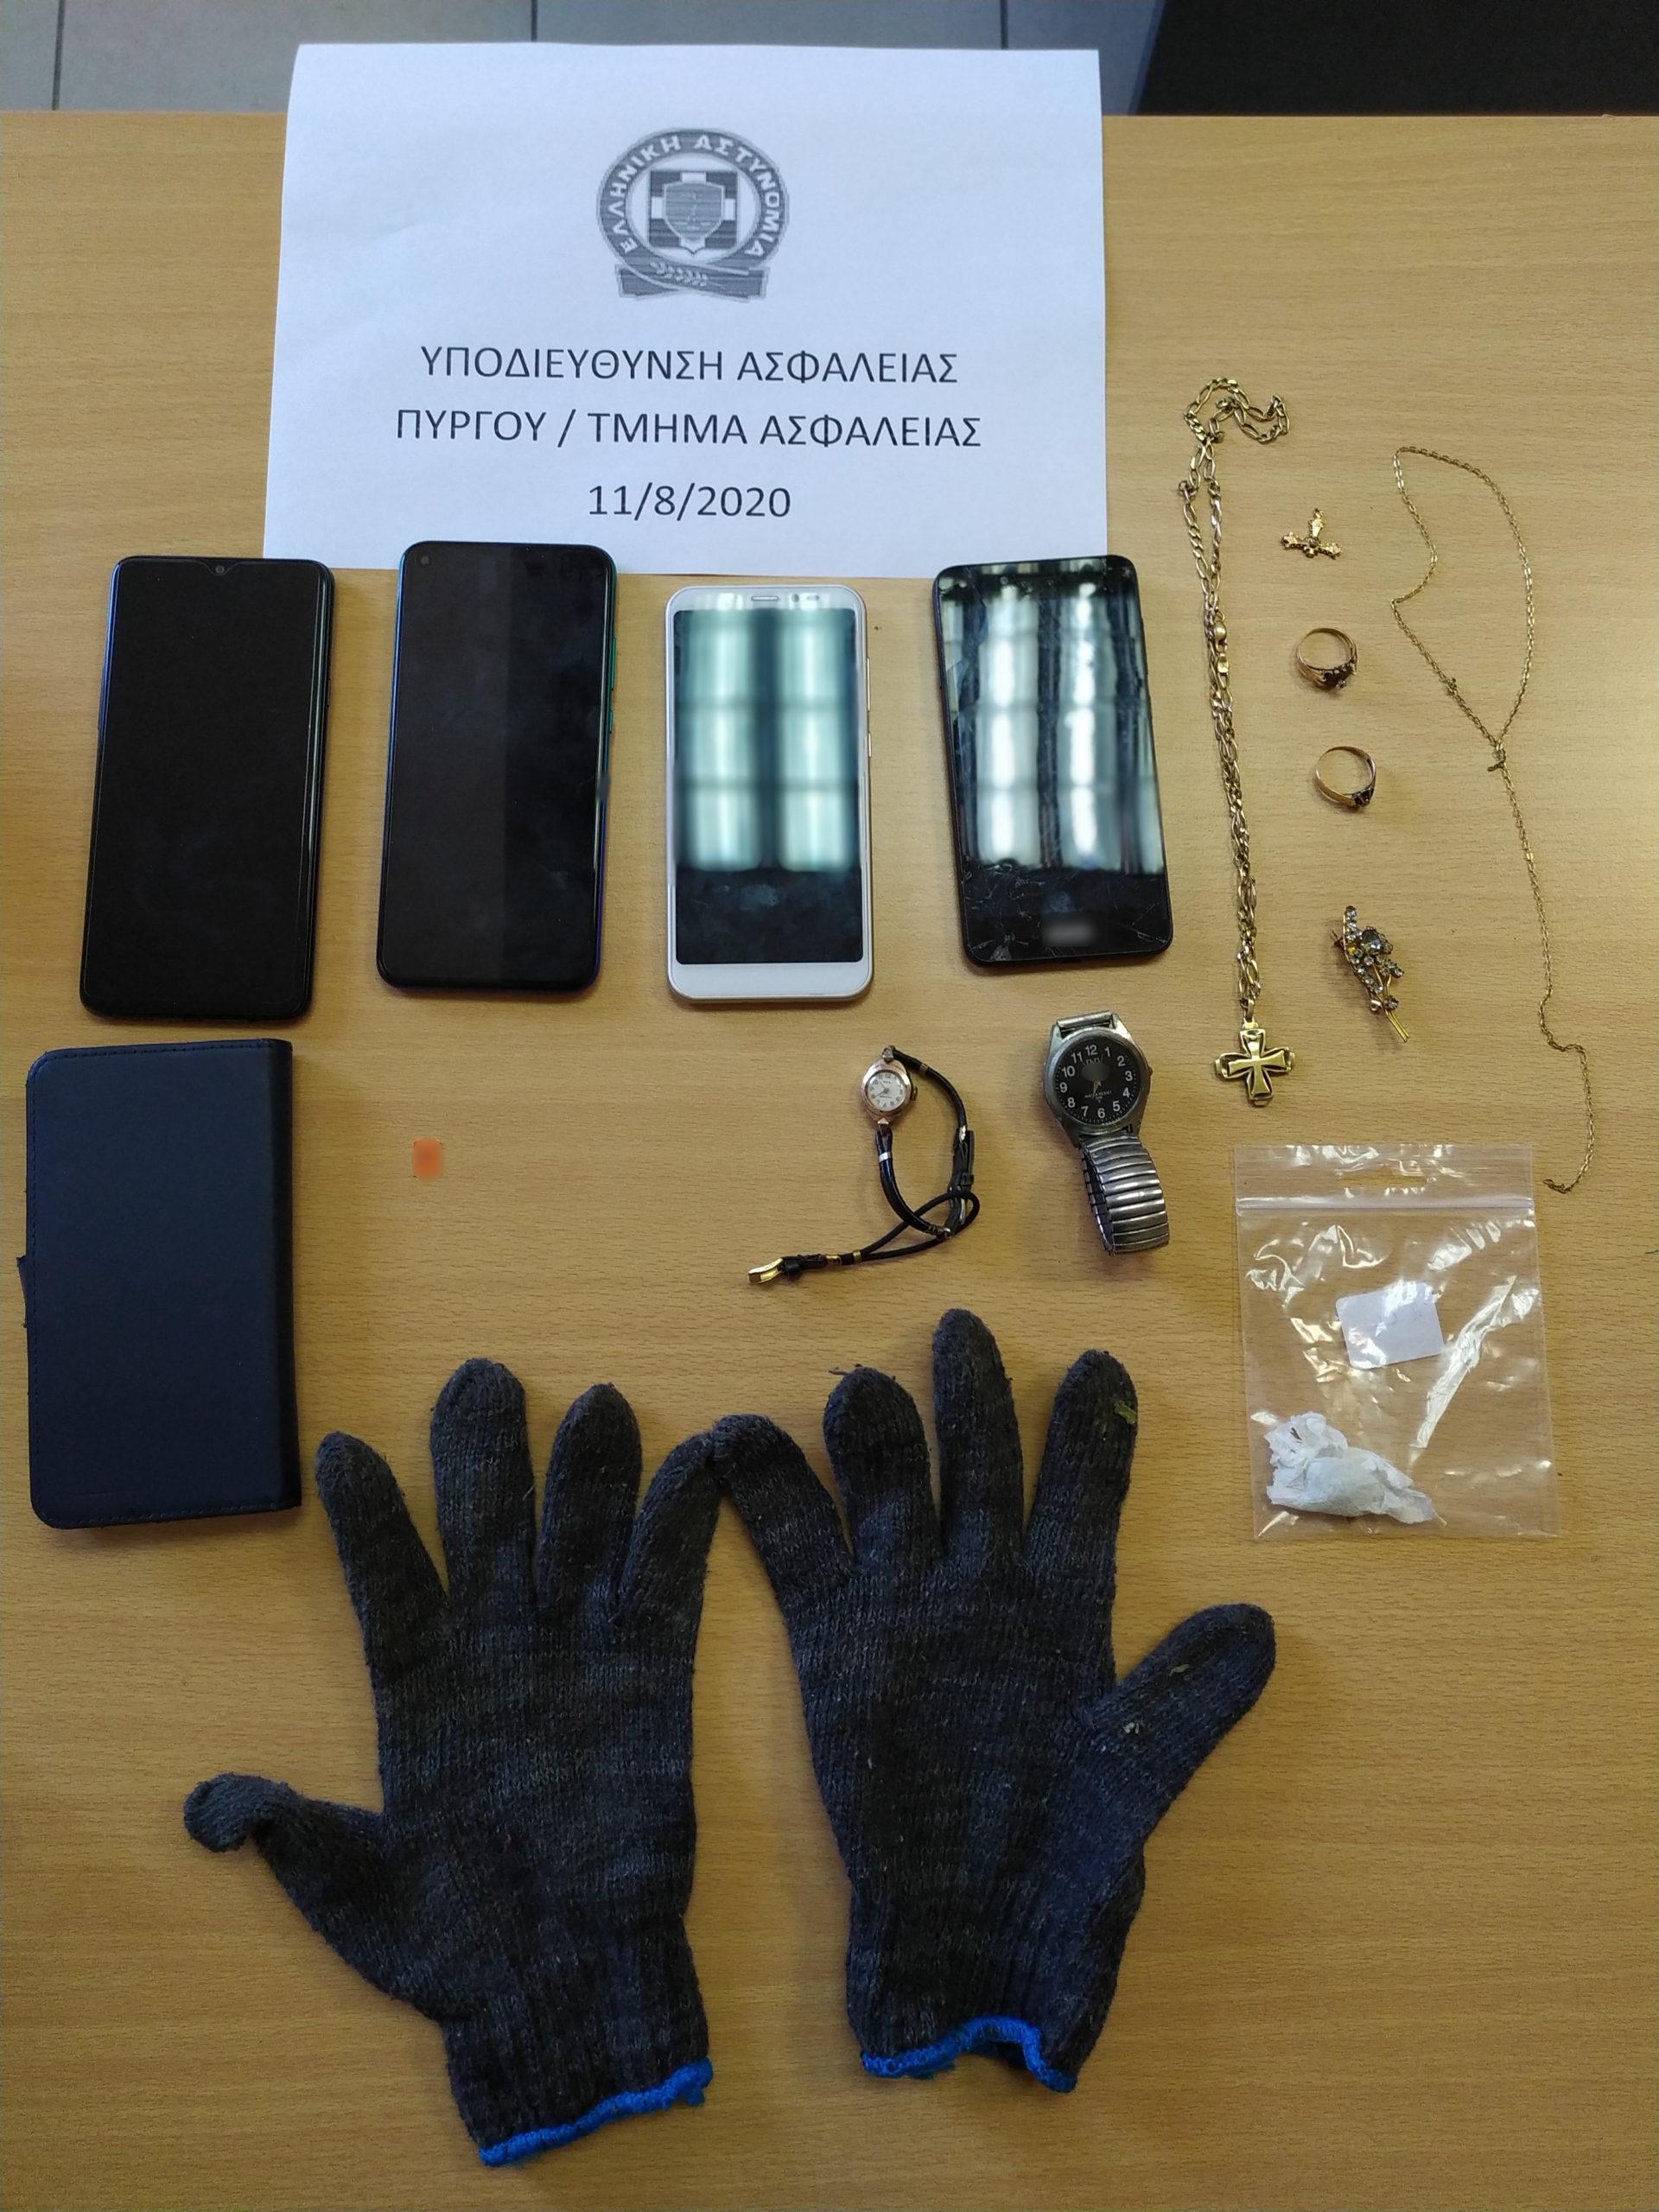 Λυγιά Βαρθολομιού: Συνελήφθησαν οι τρεις δράστες ληστείας σε οικία με λεία περίπου 10.000 ευρώ- Βρέθηκε και μικροποσότητα κάνναβης